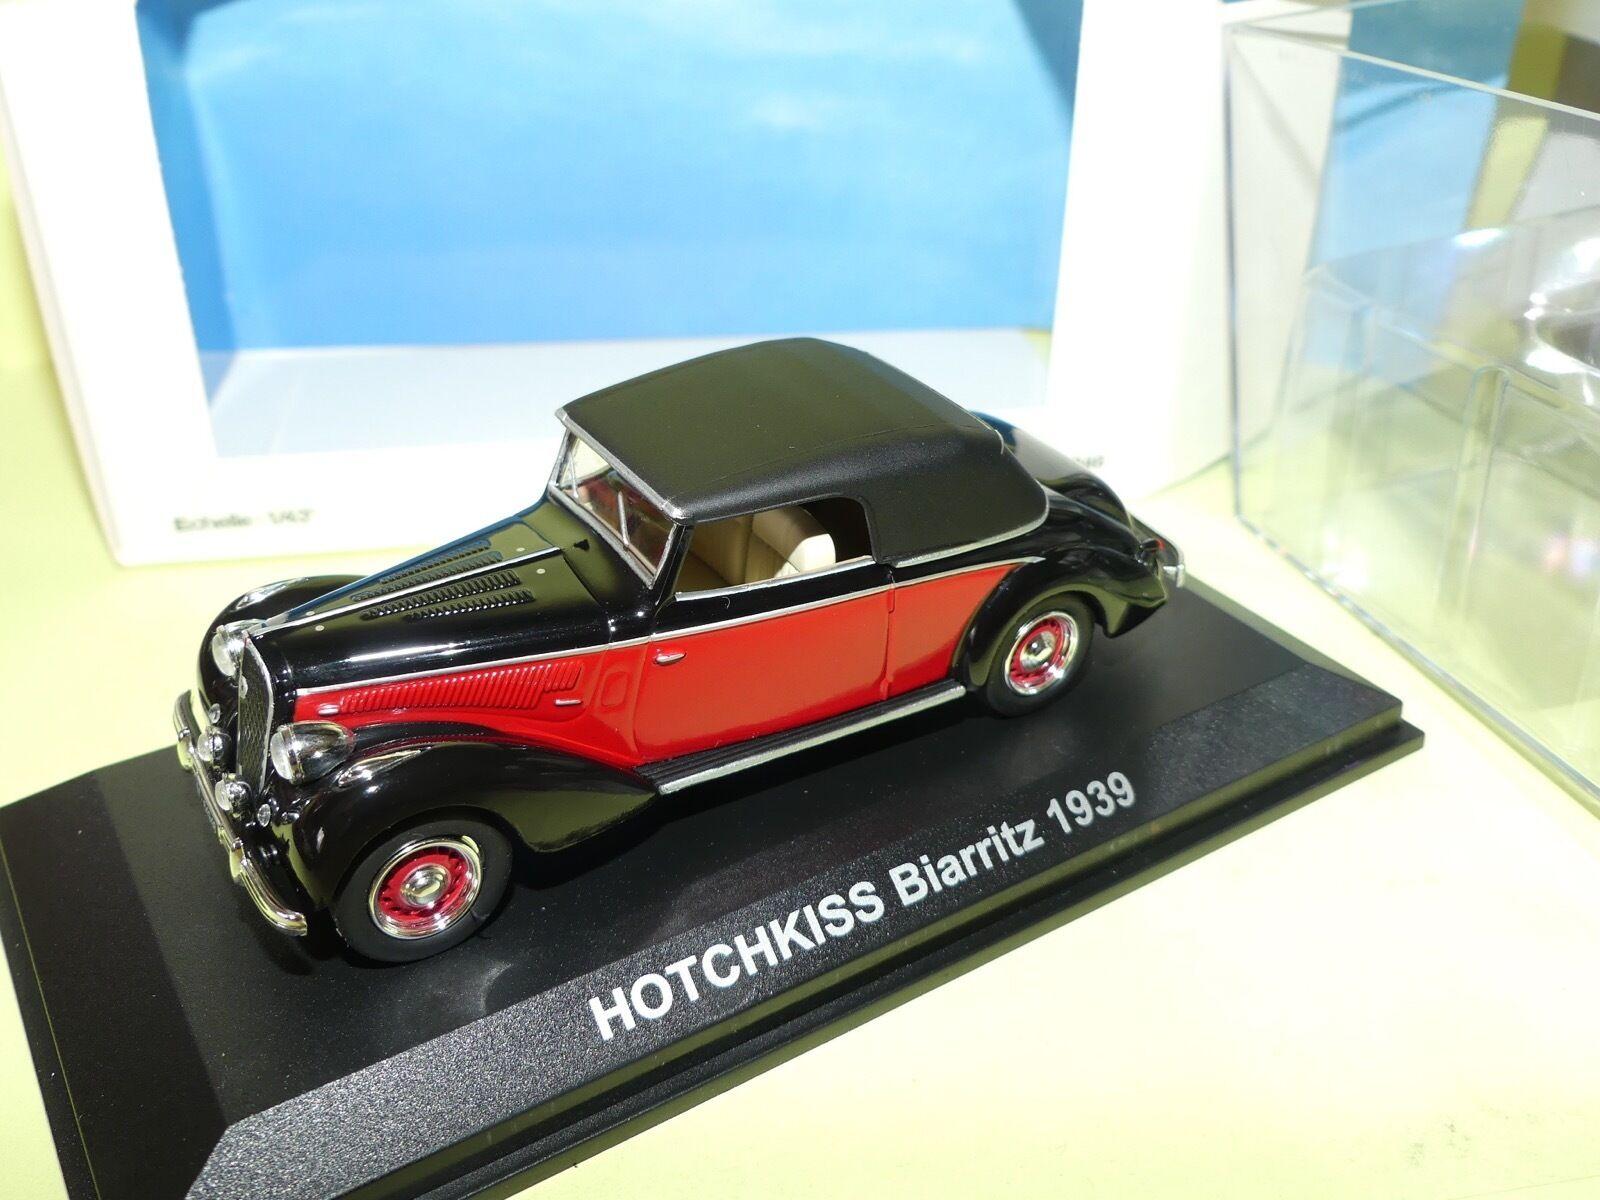 HOTCHKISS BIARRITZ 1939 Rouge NOREV 1 43